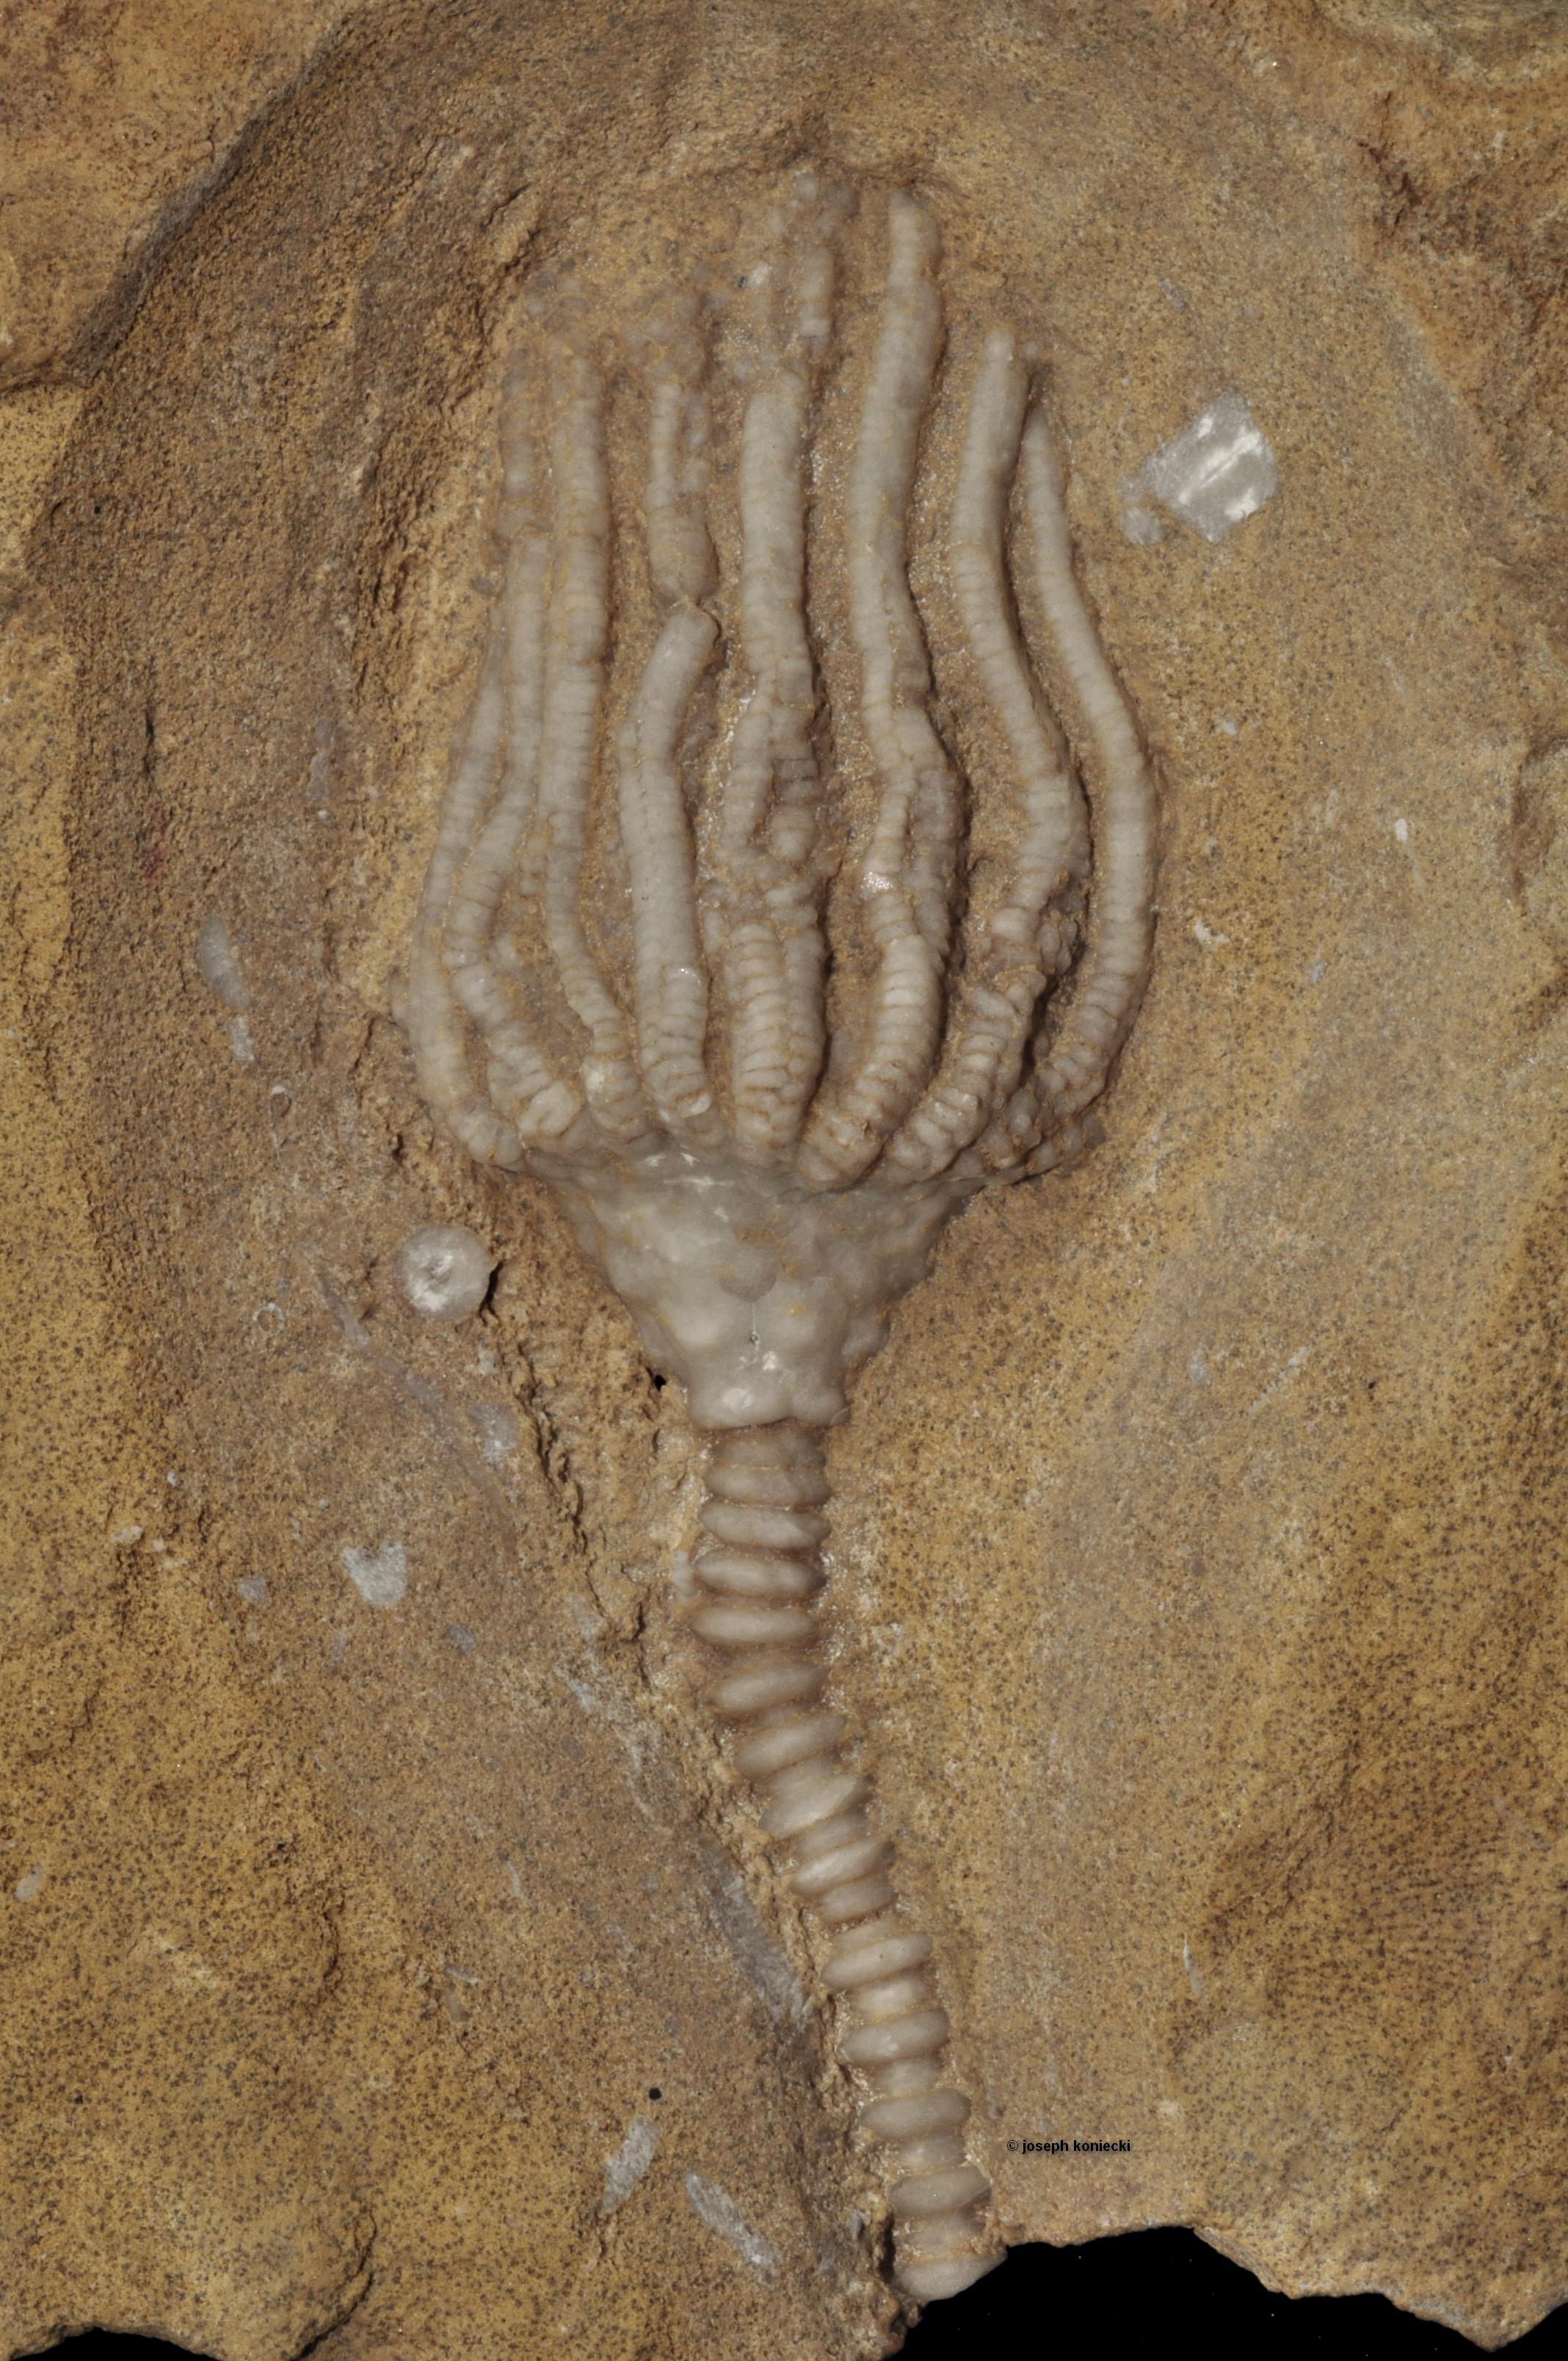 Uperocrinus